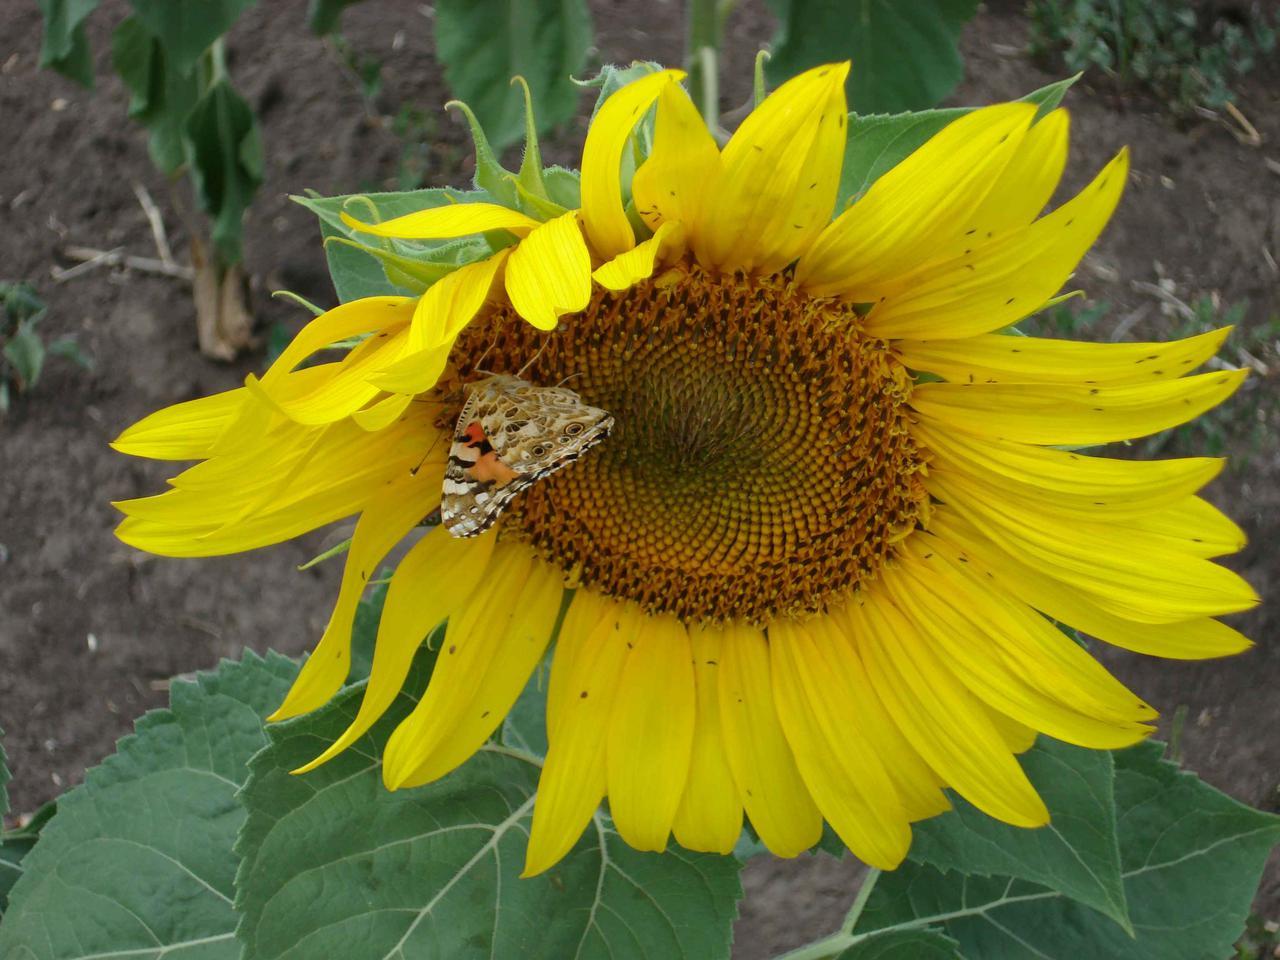 Семена подсолнечника Сонячний  настрий  посевной материал 18-19г.